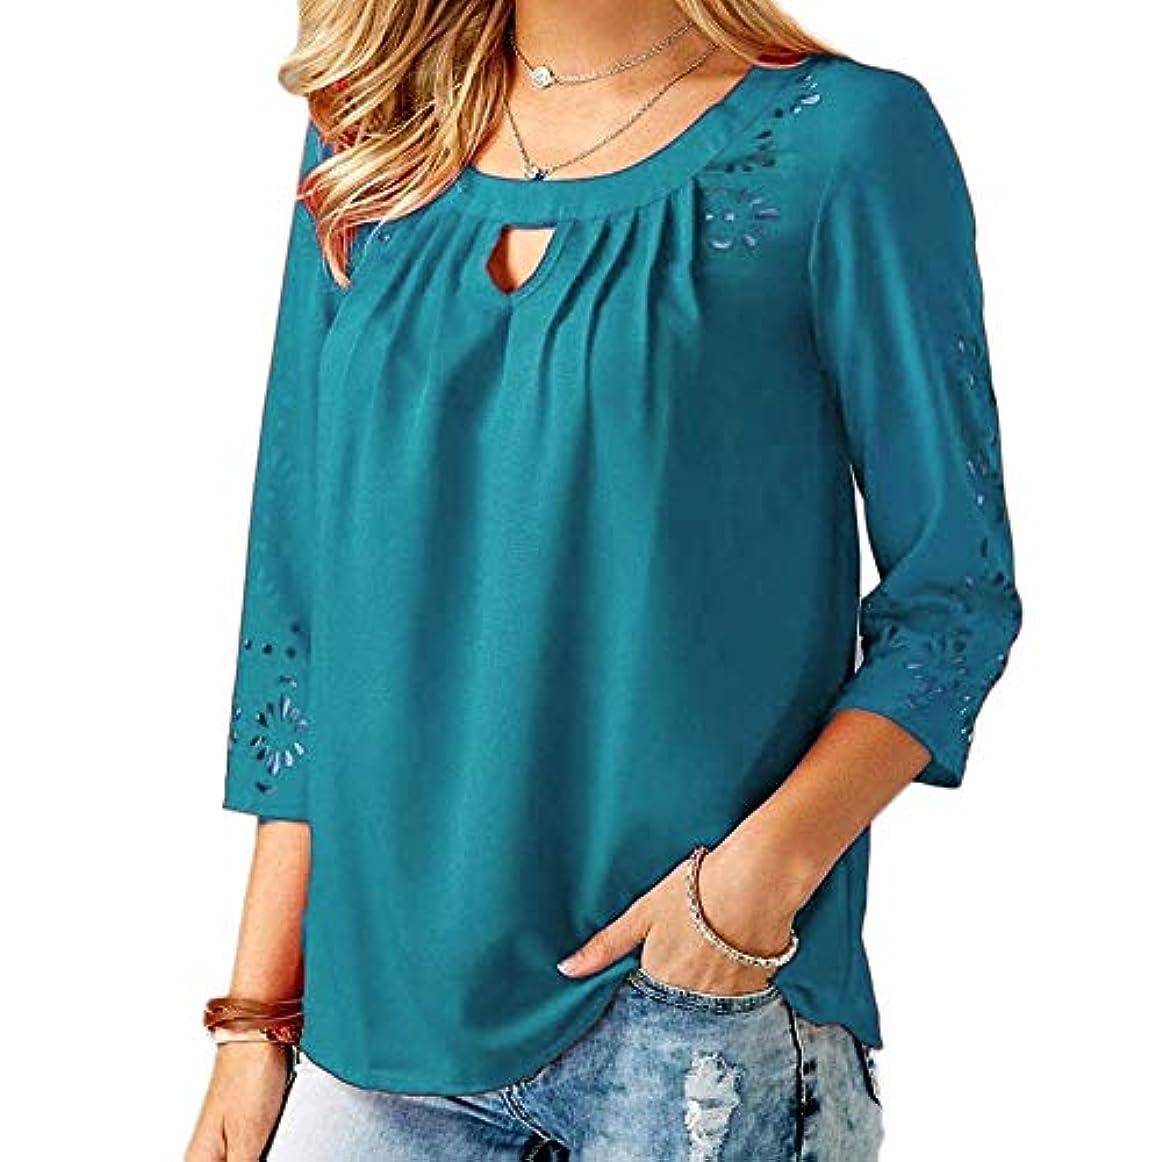 プレゼンター陰謀速いMIFAN ゆったりTシャツ、シフォンシャツ、カジュアルシャツ、女性トップ、プラスサイズトップ